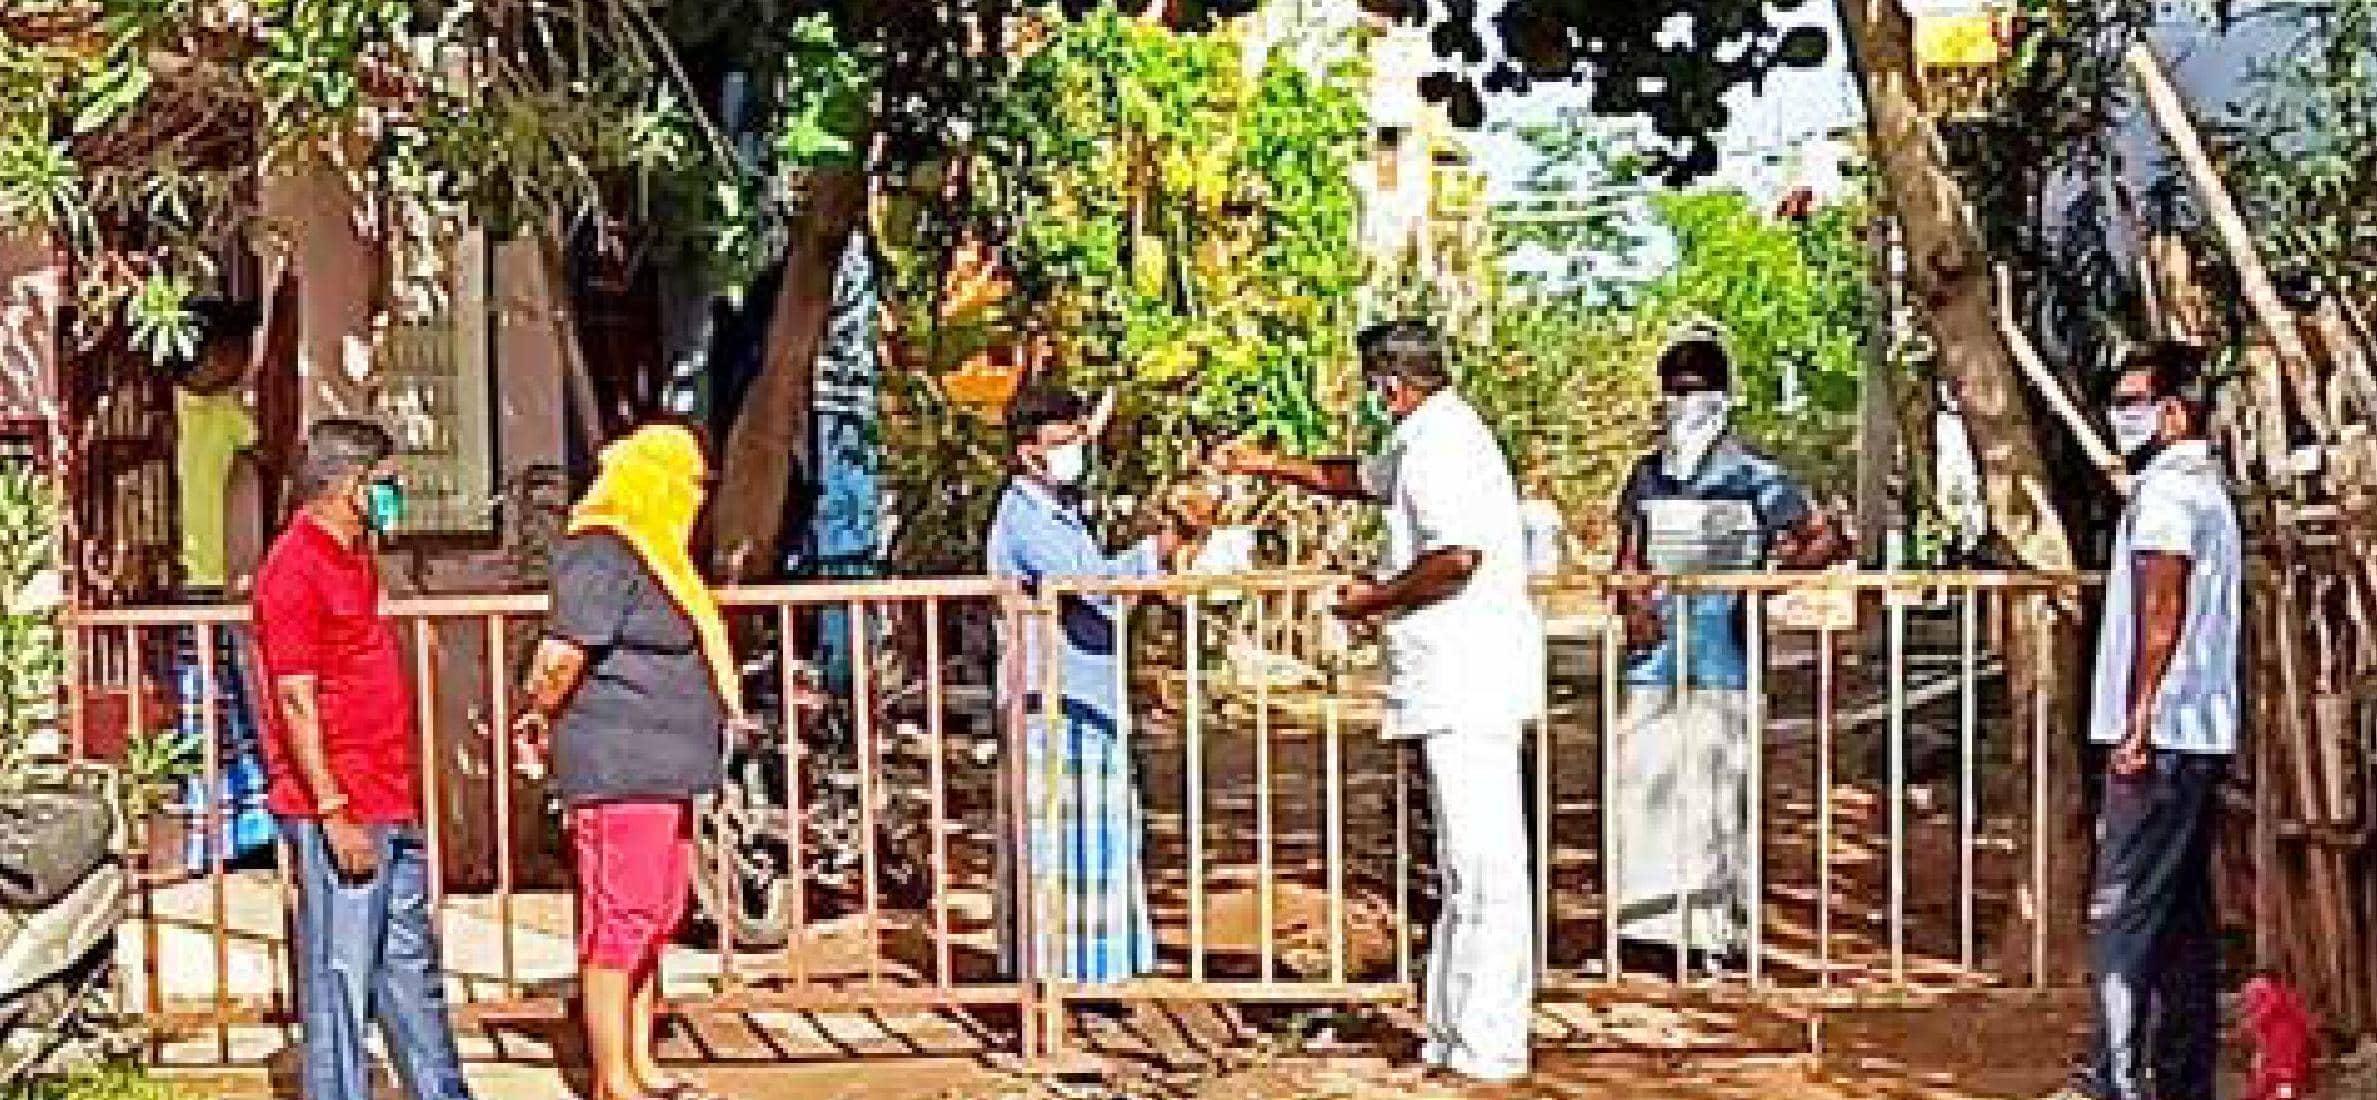 கட்டுப்பாட்டு மண்டல பகுதிக்கு கொரோனா மருந்து வெற்றி மக்கள் இயக்கத்தினர் வழங்கினர்